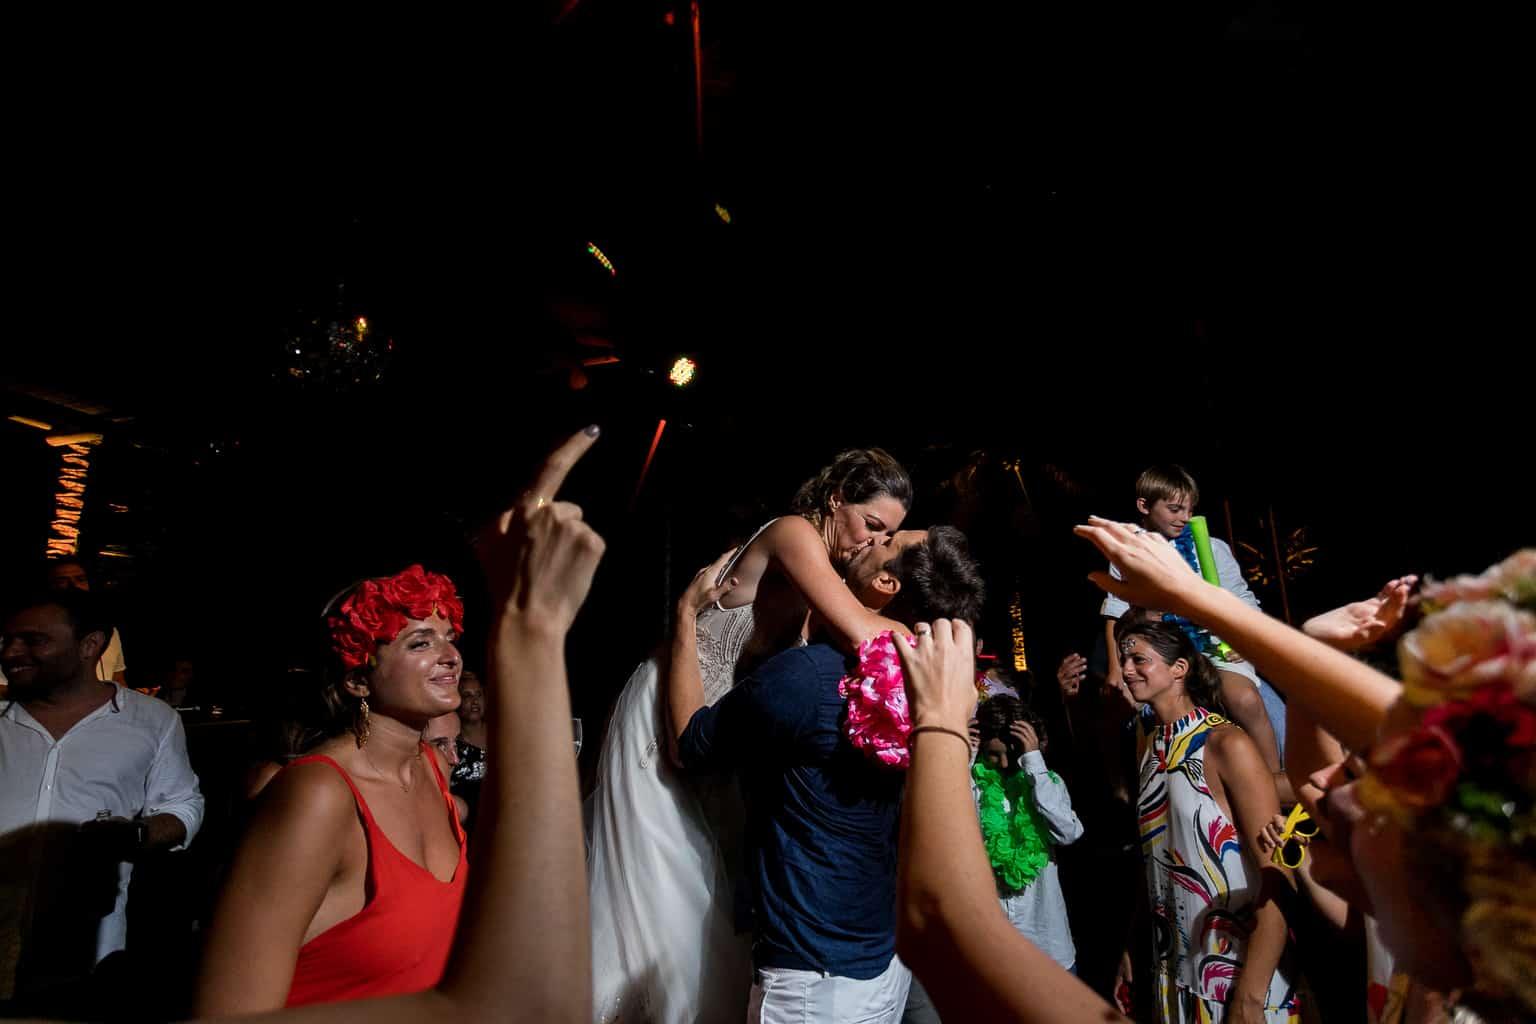 Casamento-Victoria-e-Christian-Fotografia-Tiago-Saldanha-Festa953_MG_2602